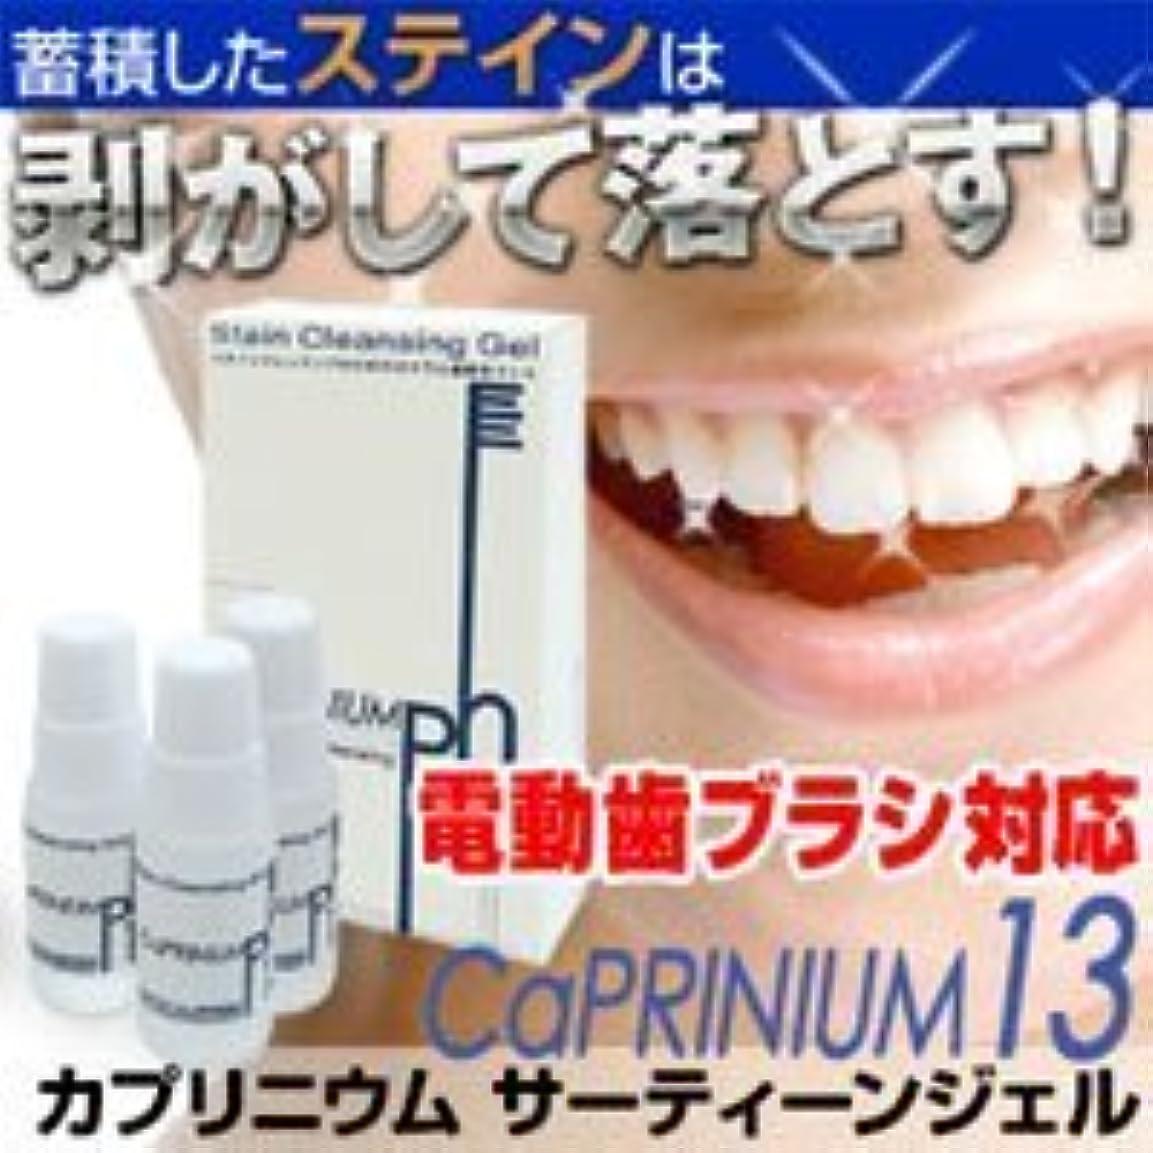 判読できないギャラントリーくそーカプリジェル(カプリニウムサーティーンジェル)10g×3個(1か月分) 電動歯ブラシ対応歯磨きジェル